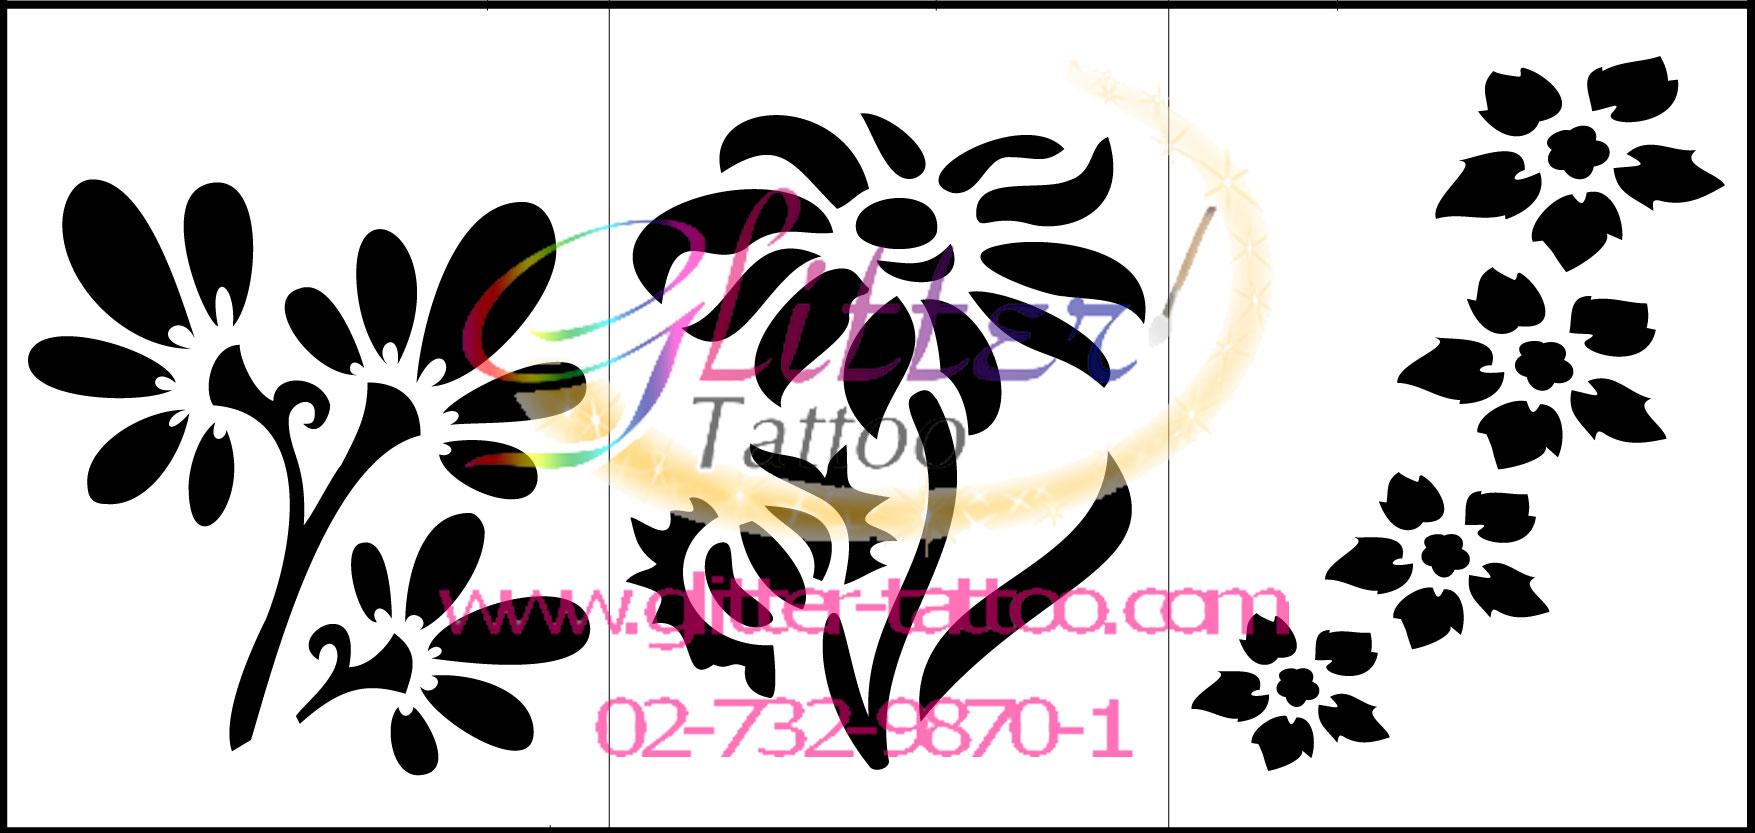 แบบลายดอกไม้ 2 (ชุด)